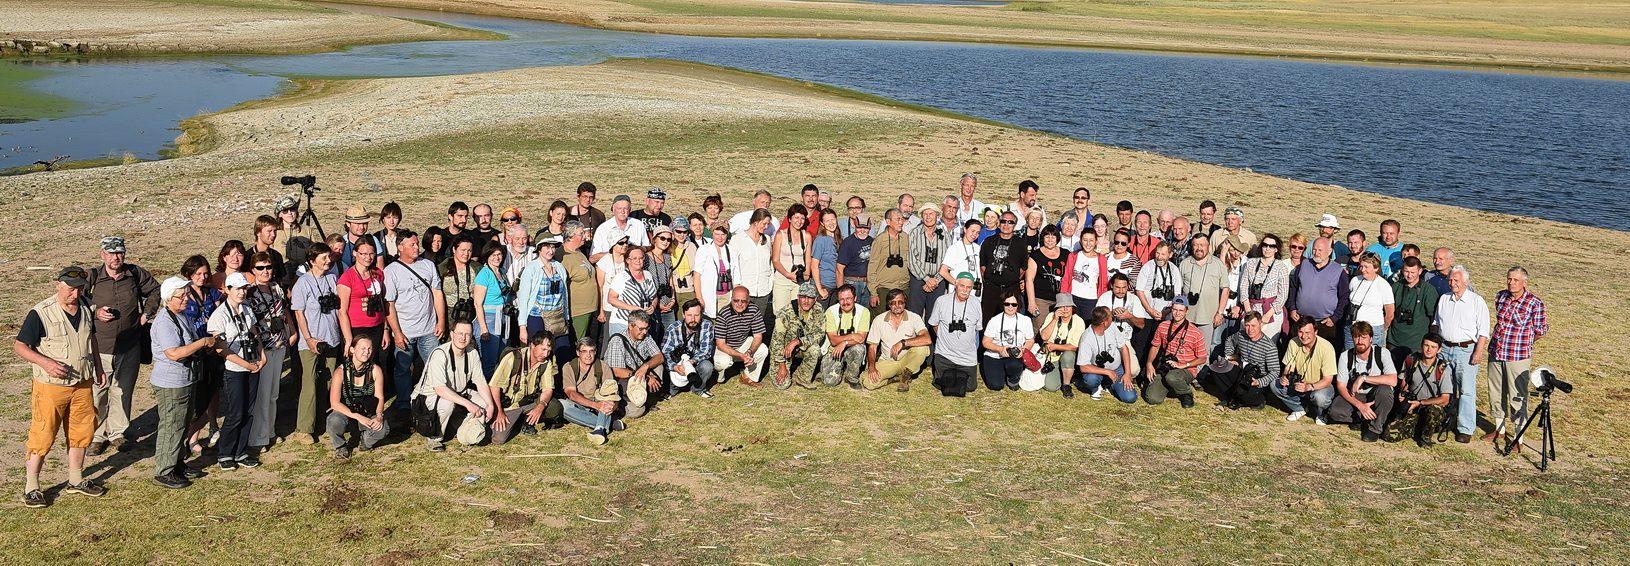 Участники XIV Международной орнитологической конференции Северной Евразии на экскурсии. Фото О. Белялова